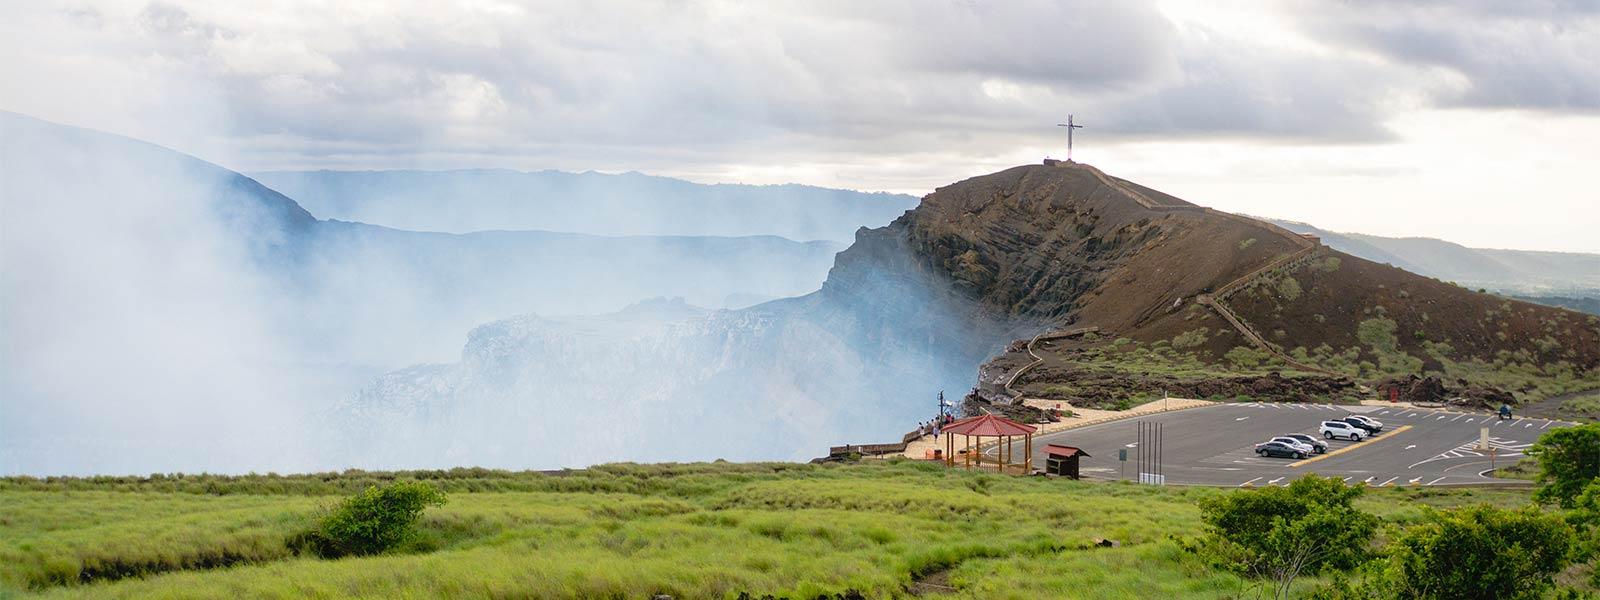 volcan-masaya-nicaragua-leyes-de-turismo